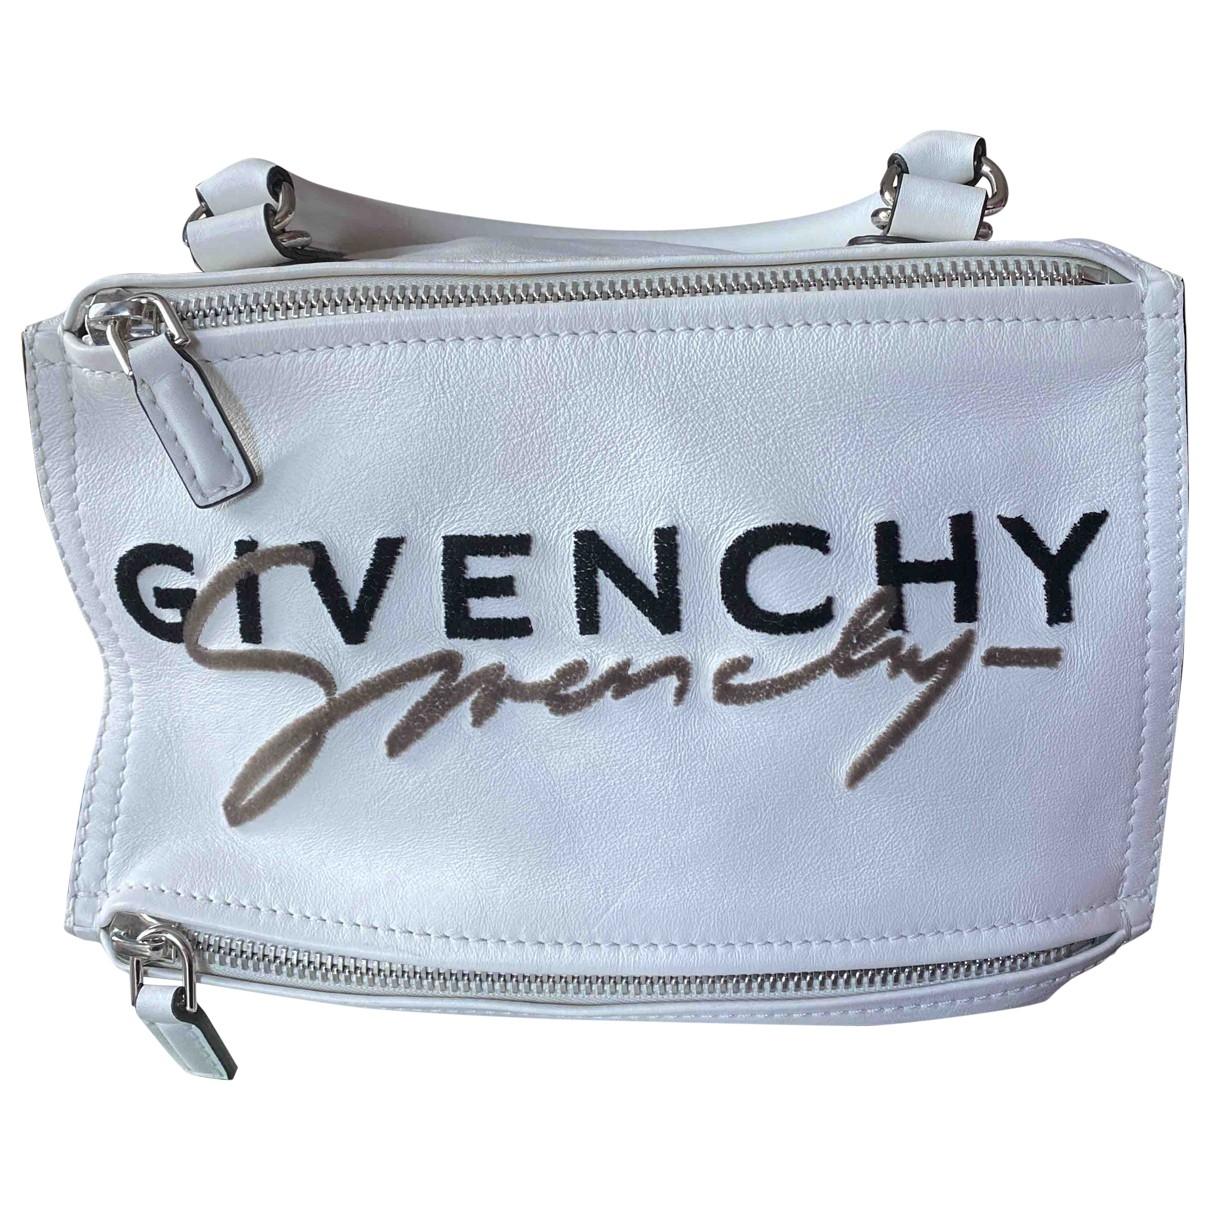 Givenchy Pandora Handtasche in  Weiss Leder